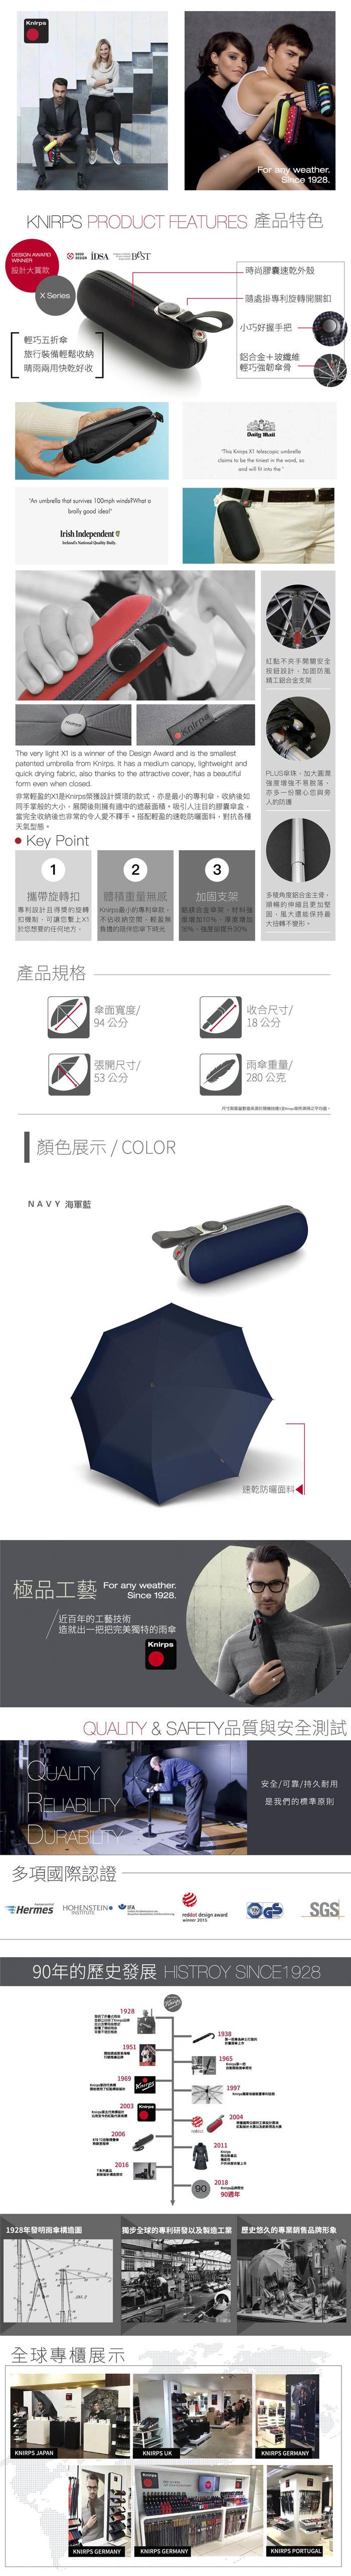 (複製)Knirps®德國紅點傘| X1 膠囊五折傘-Lily Blue